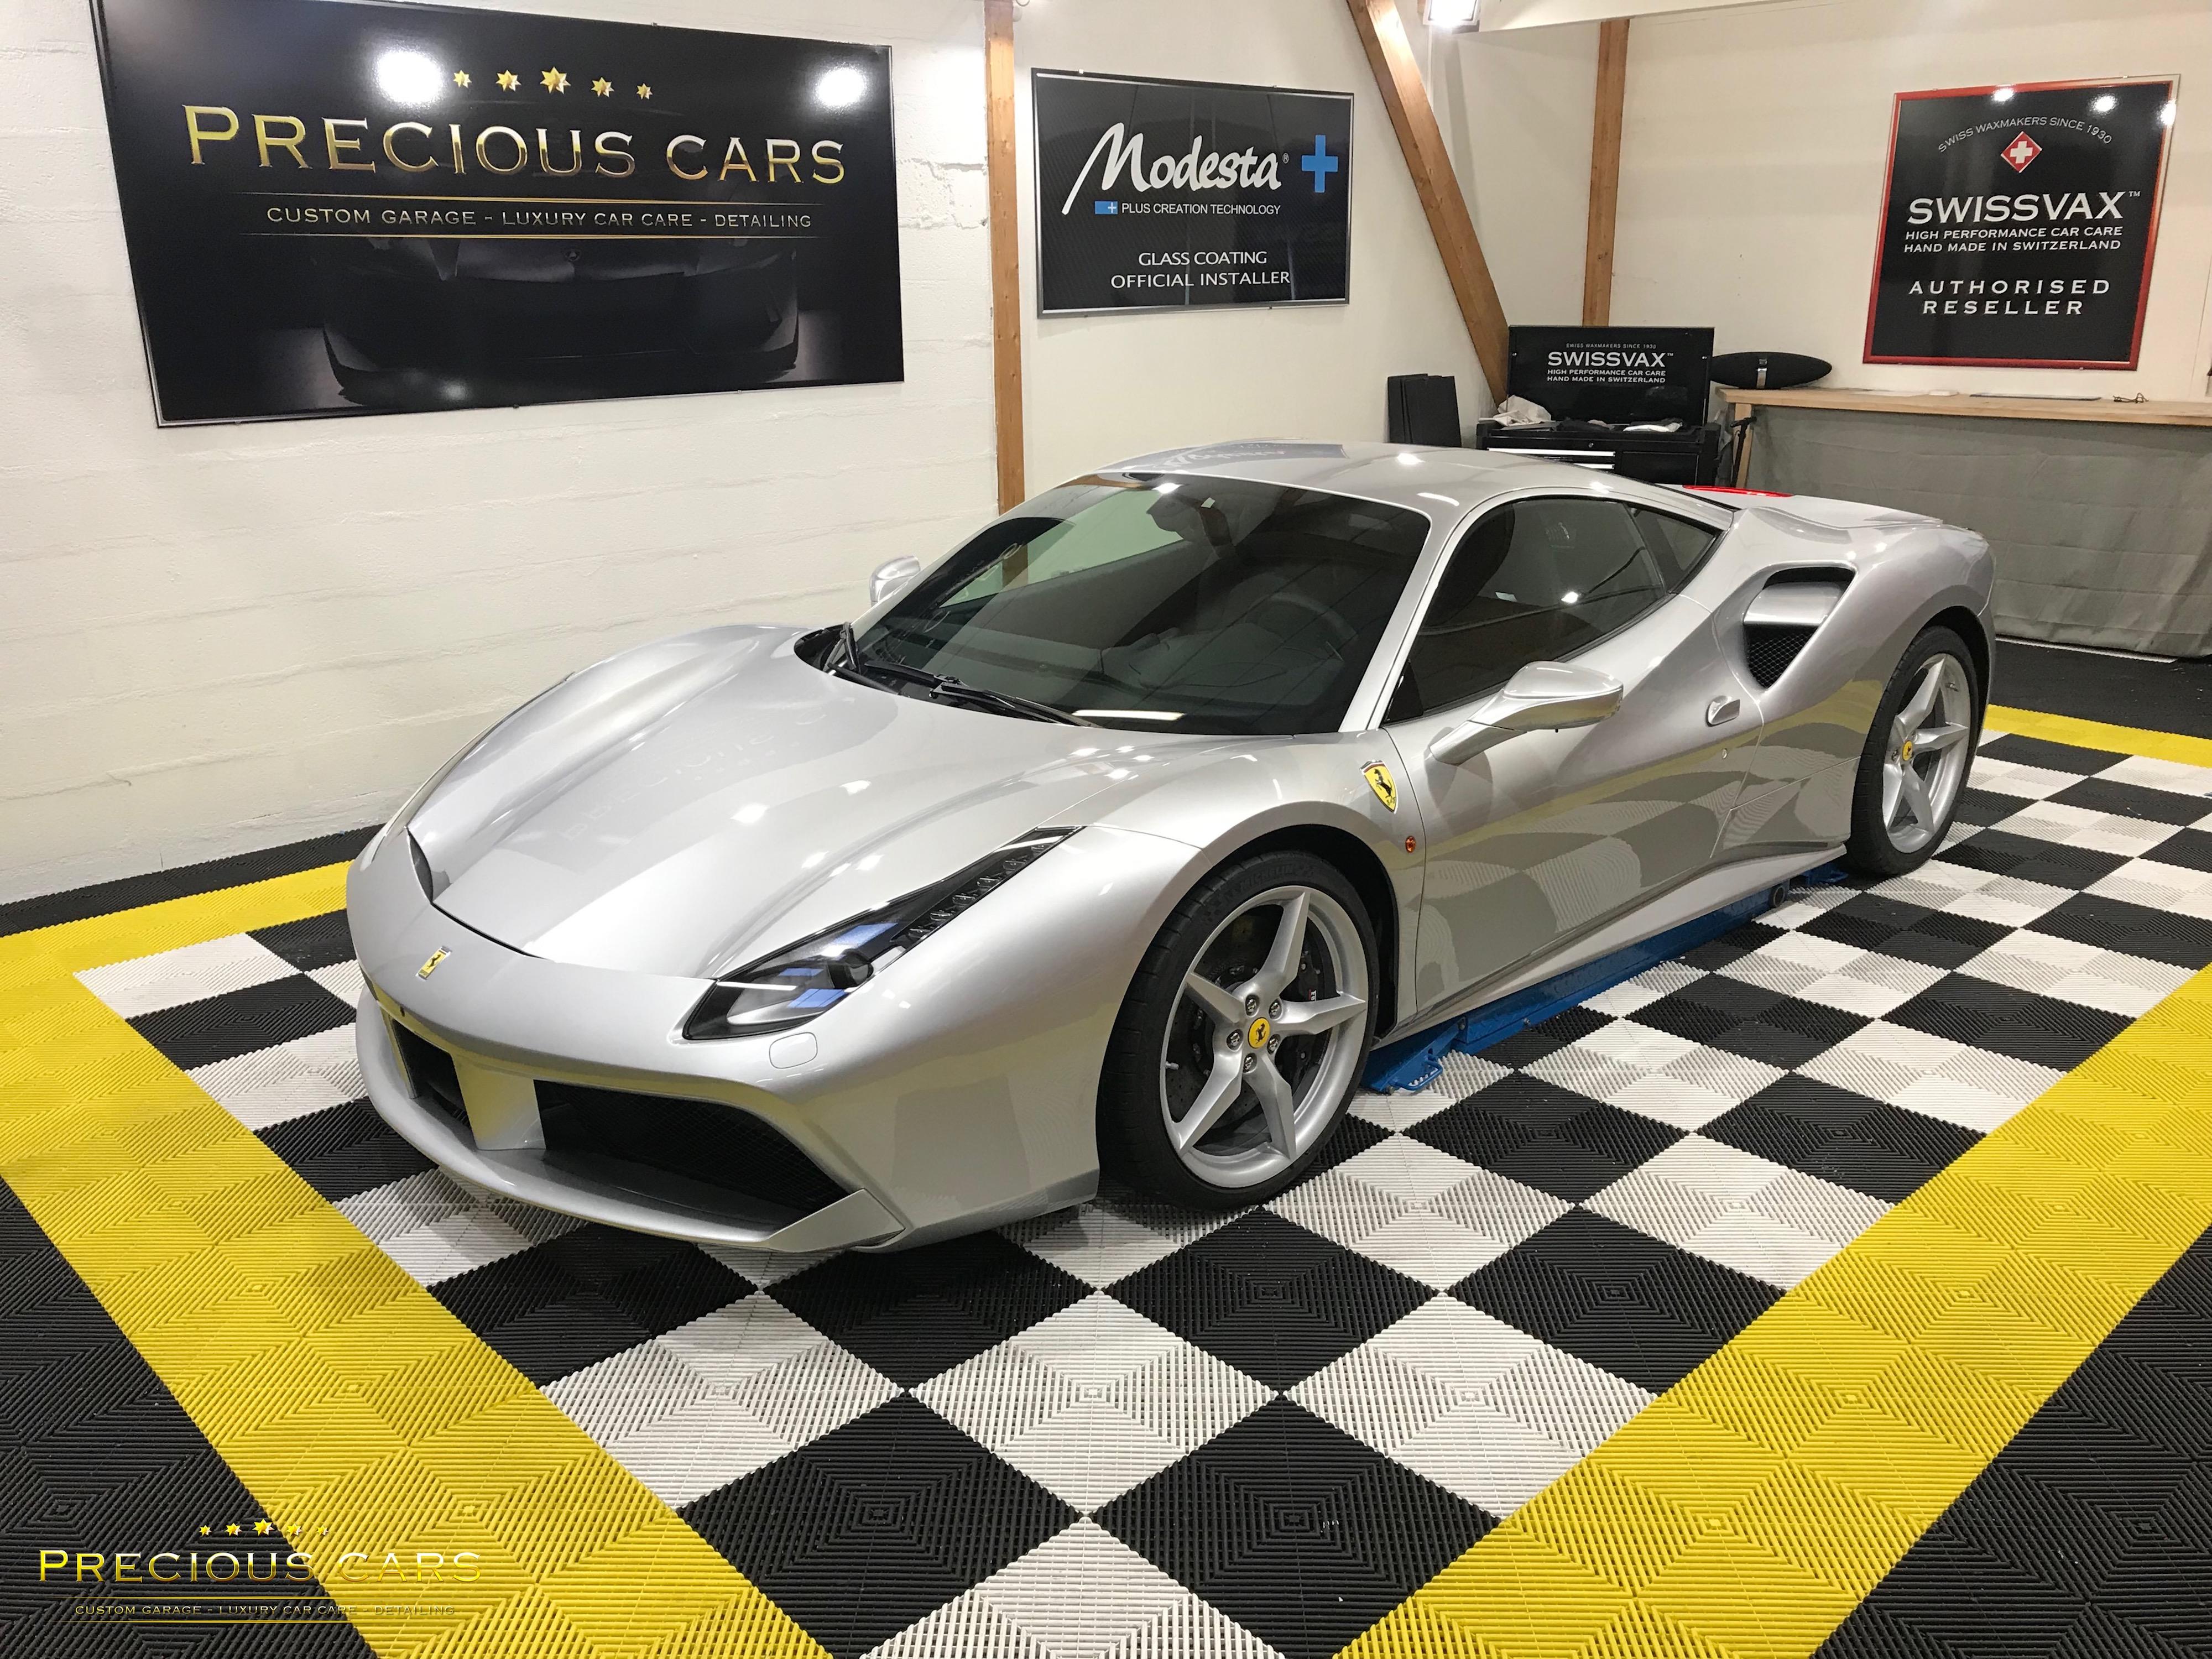 Precious Cars - Swissvax Le Mans - Ferra